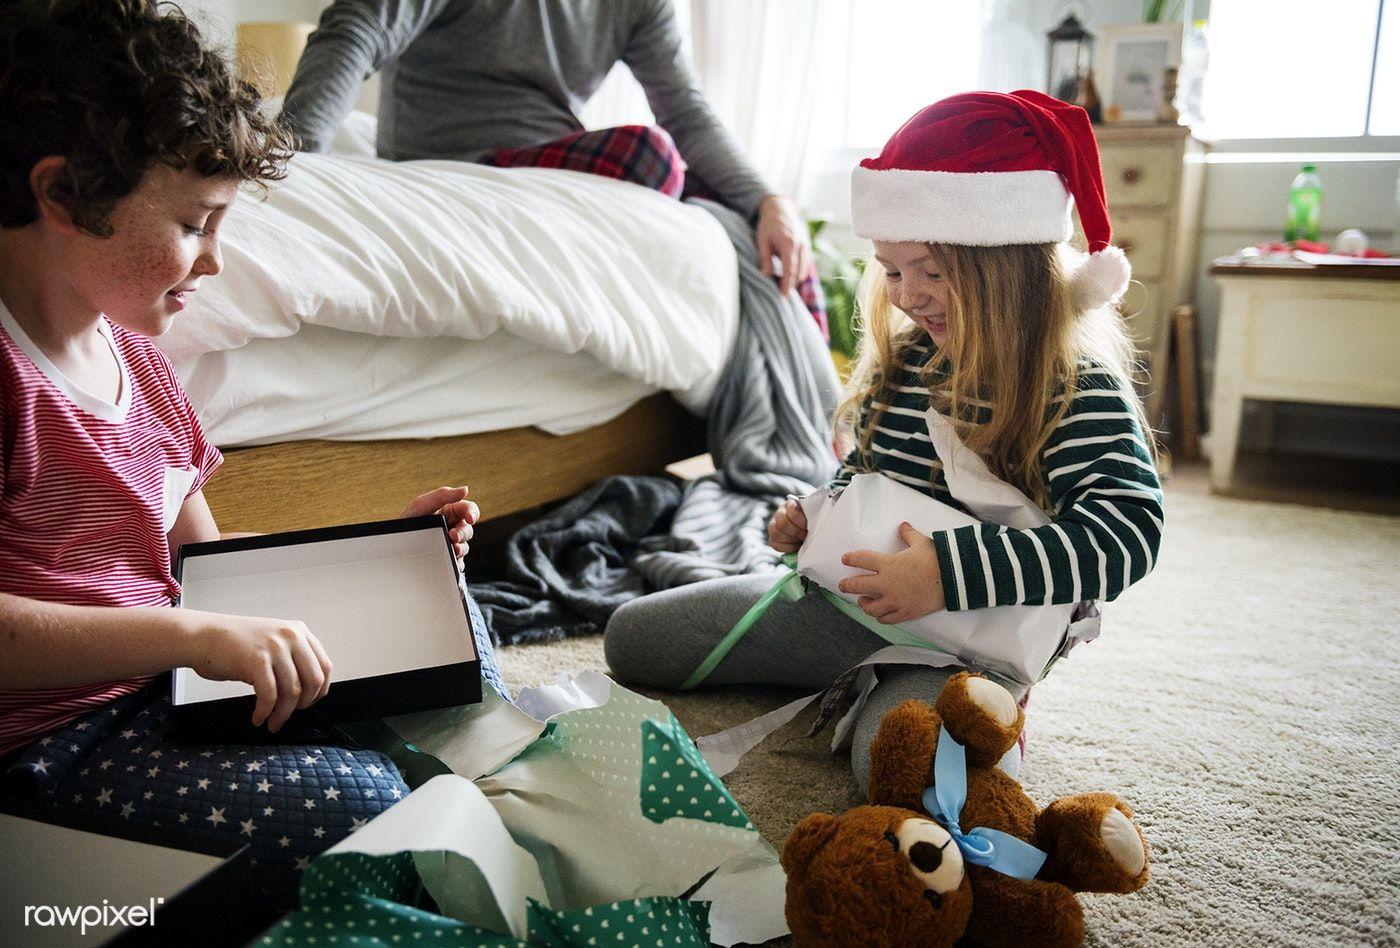 Download premium image of Caucasian siblings unwrapping Christmas